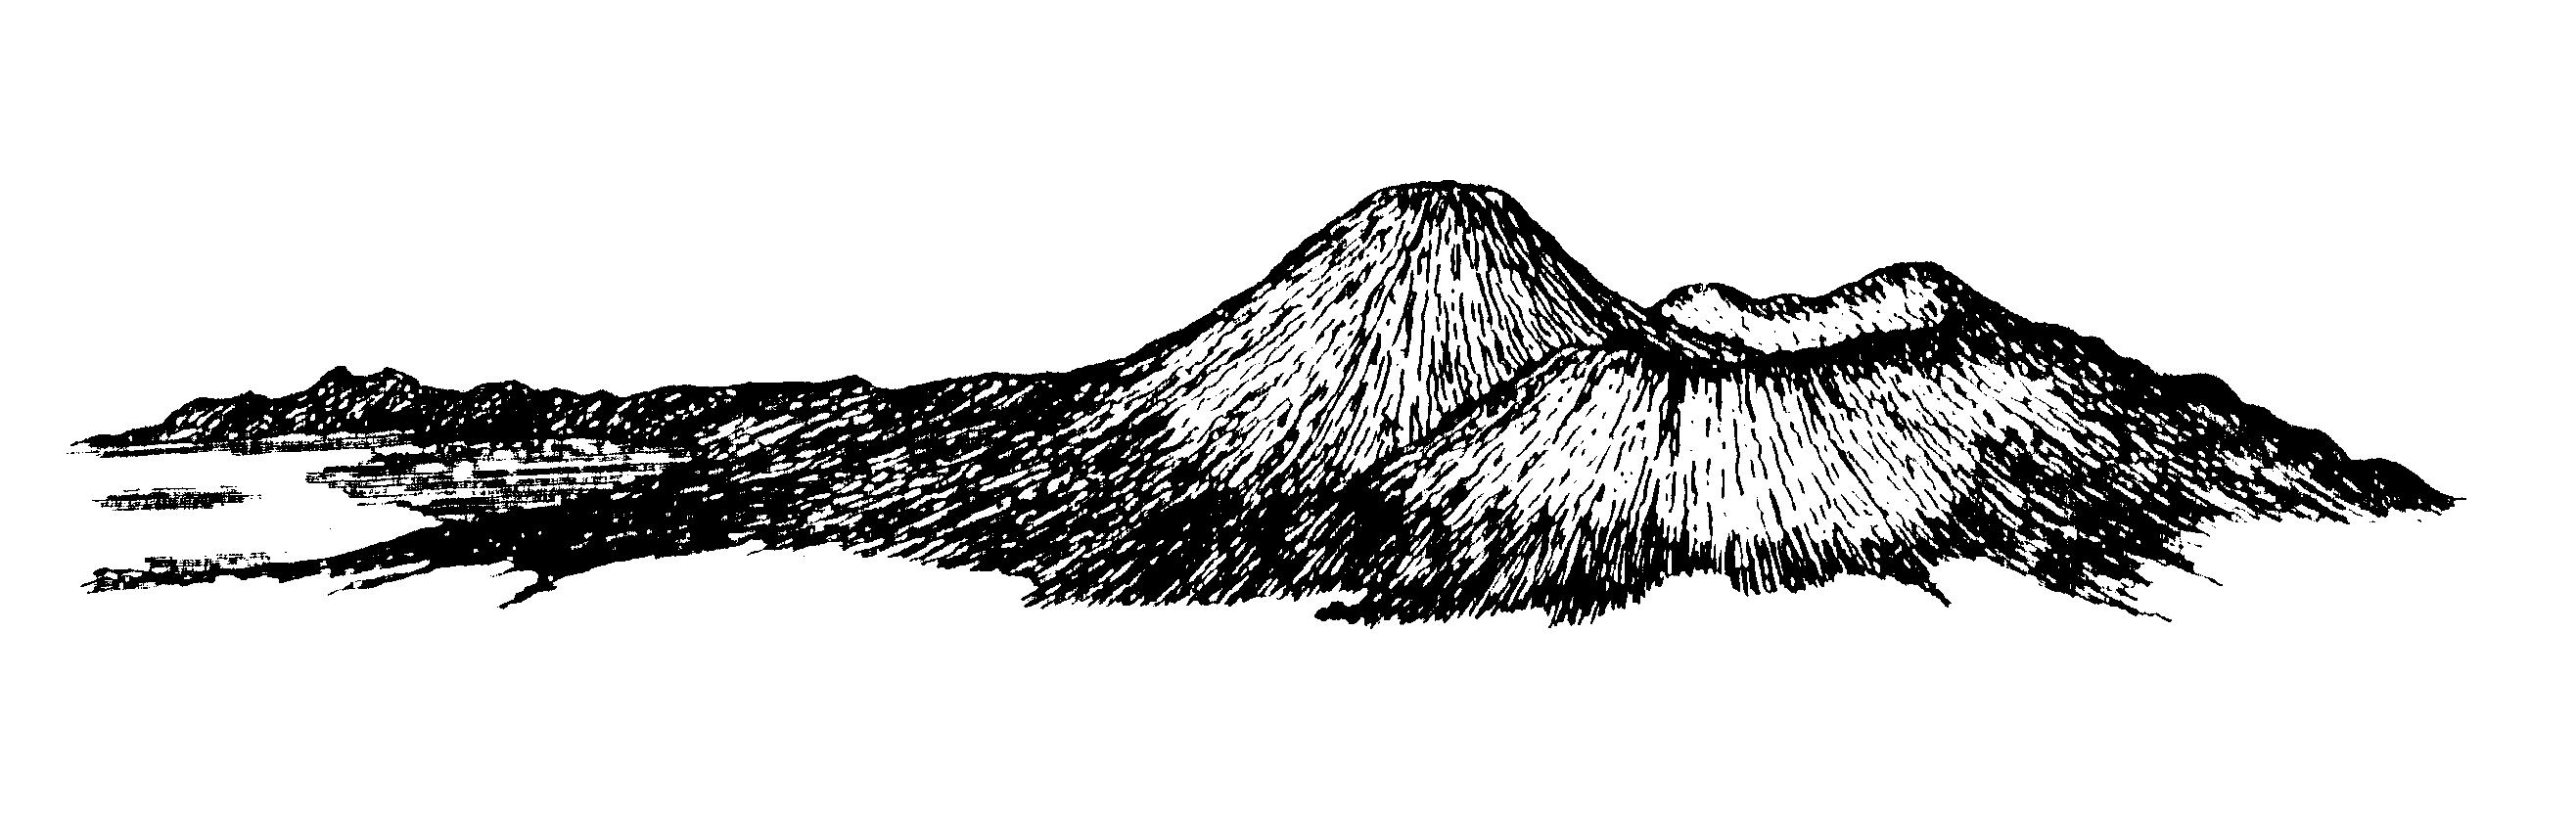 Kometenwein Gedicht Zamonien Wiki Fandom